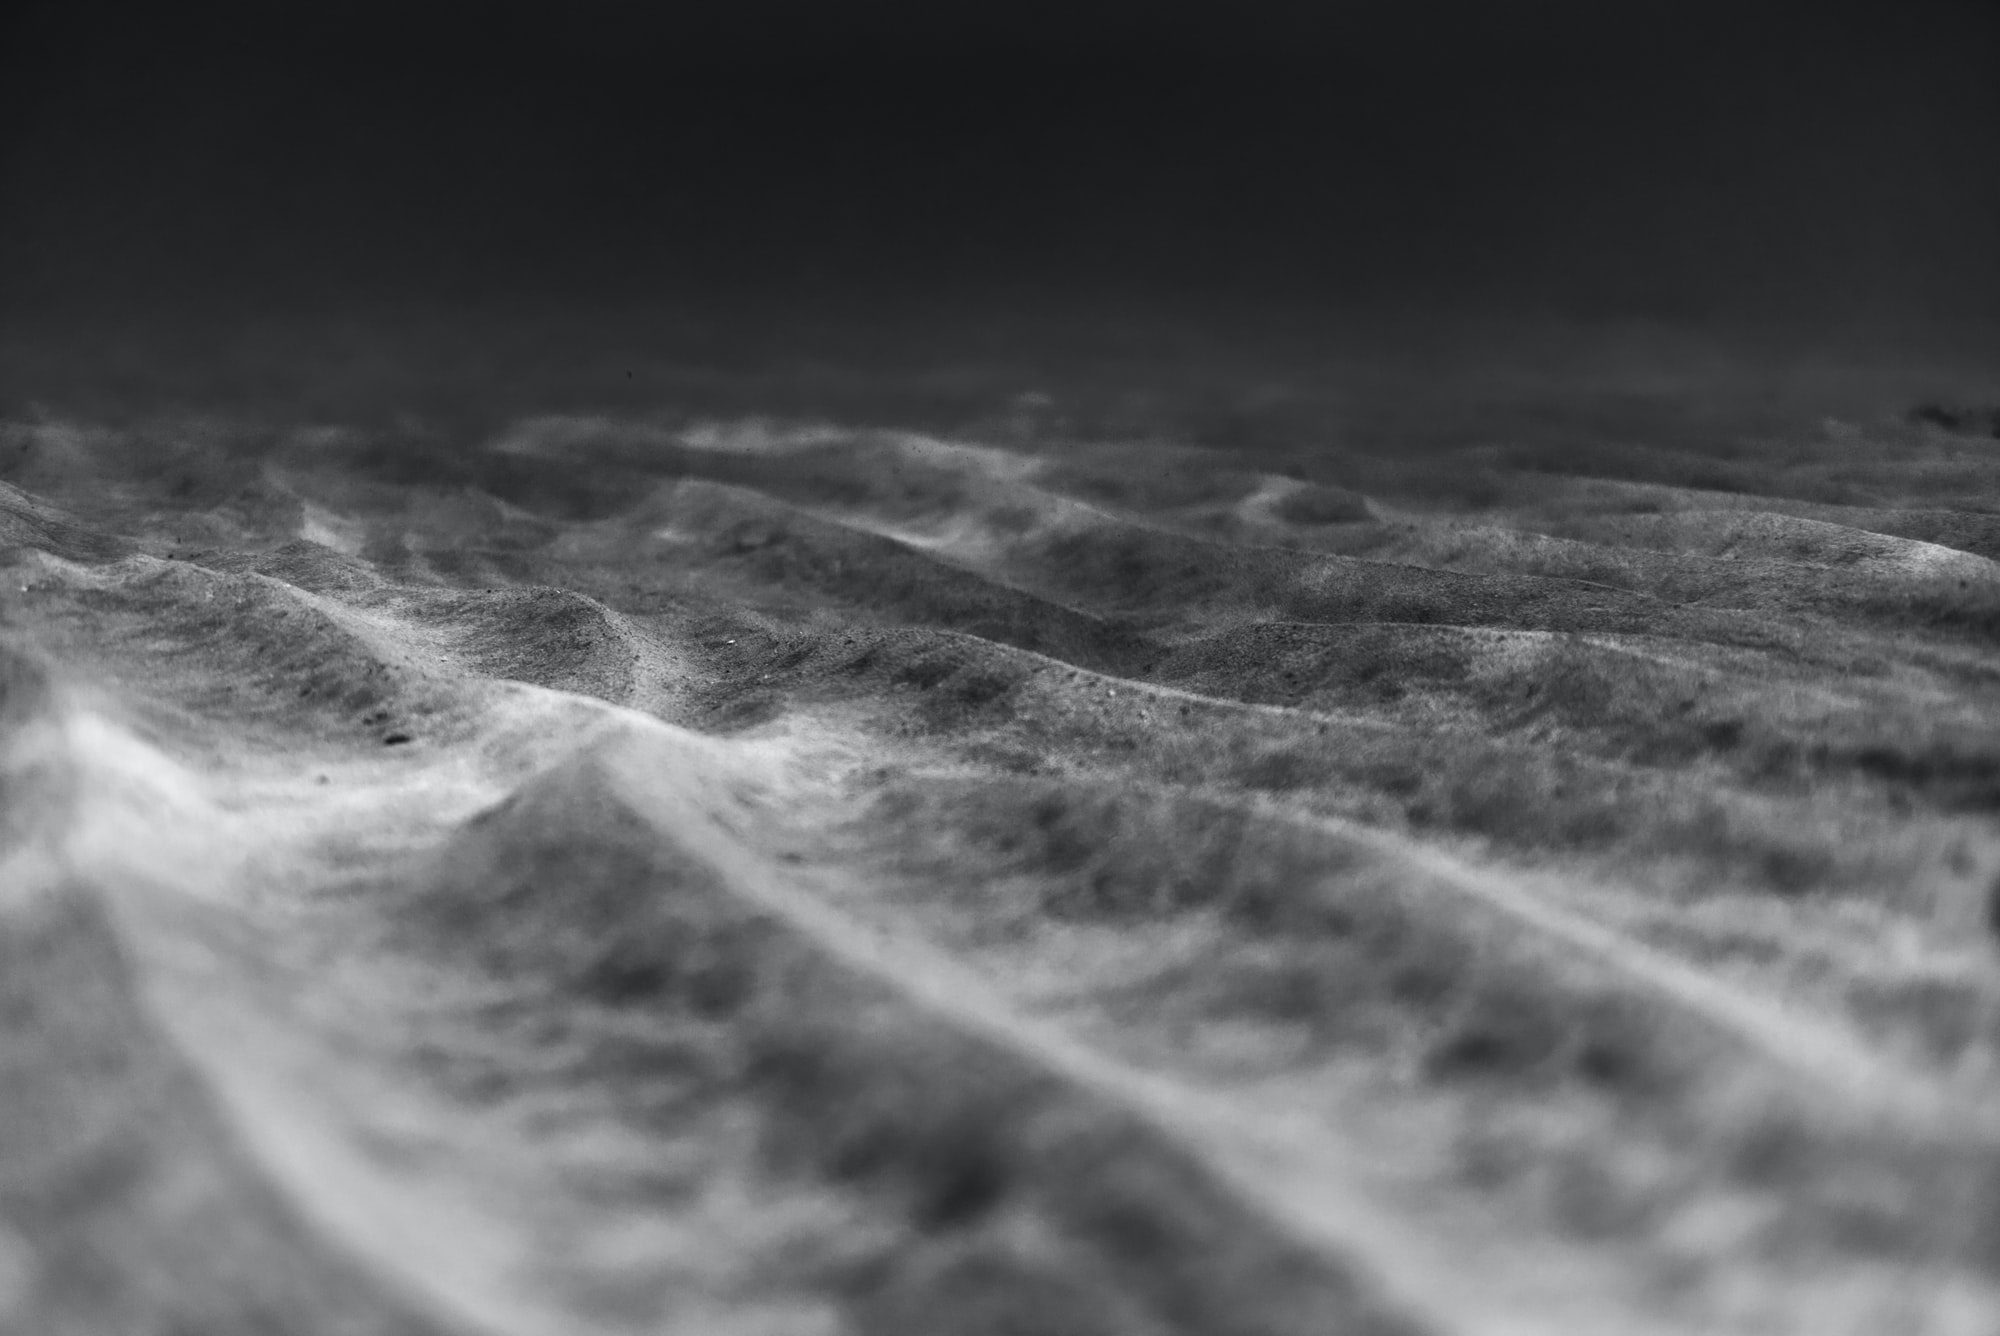 Underwater Desert Dunes